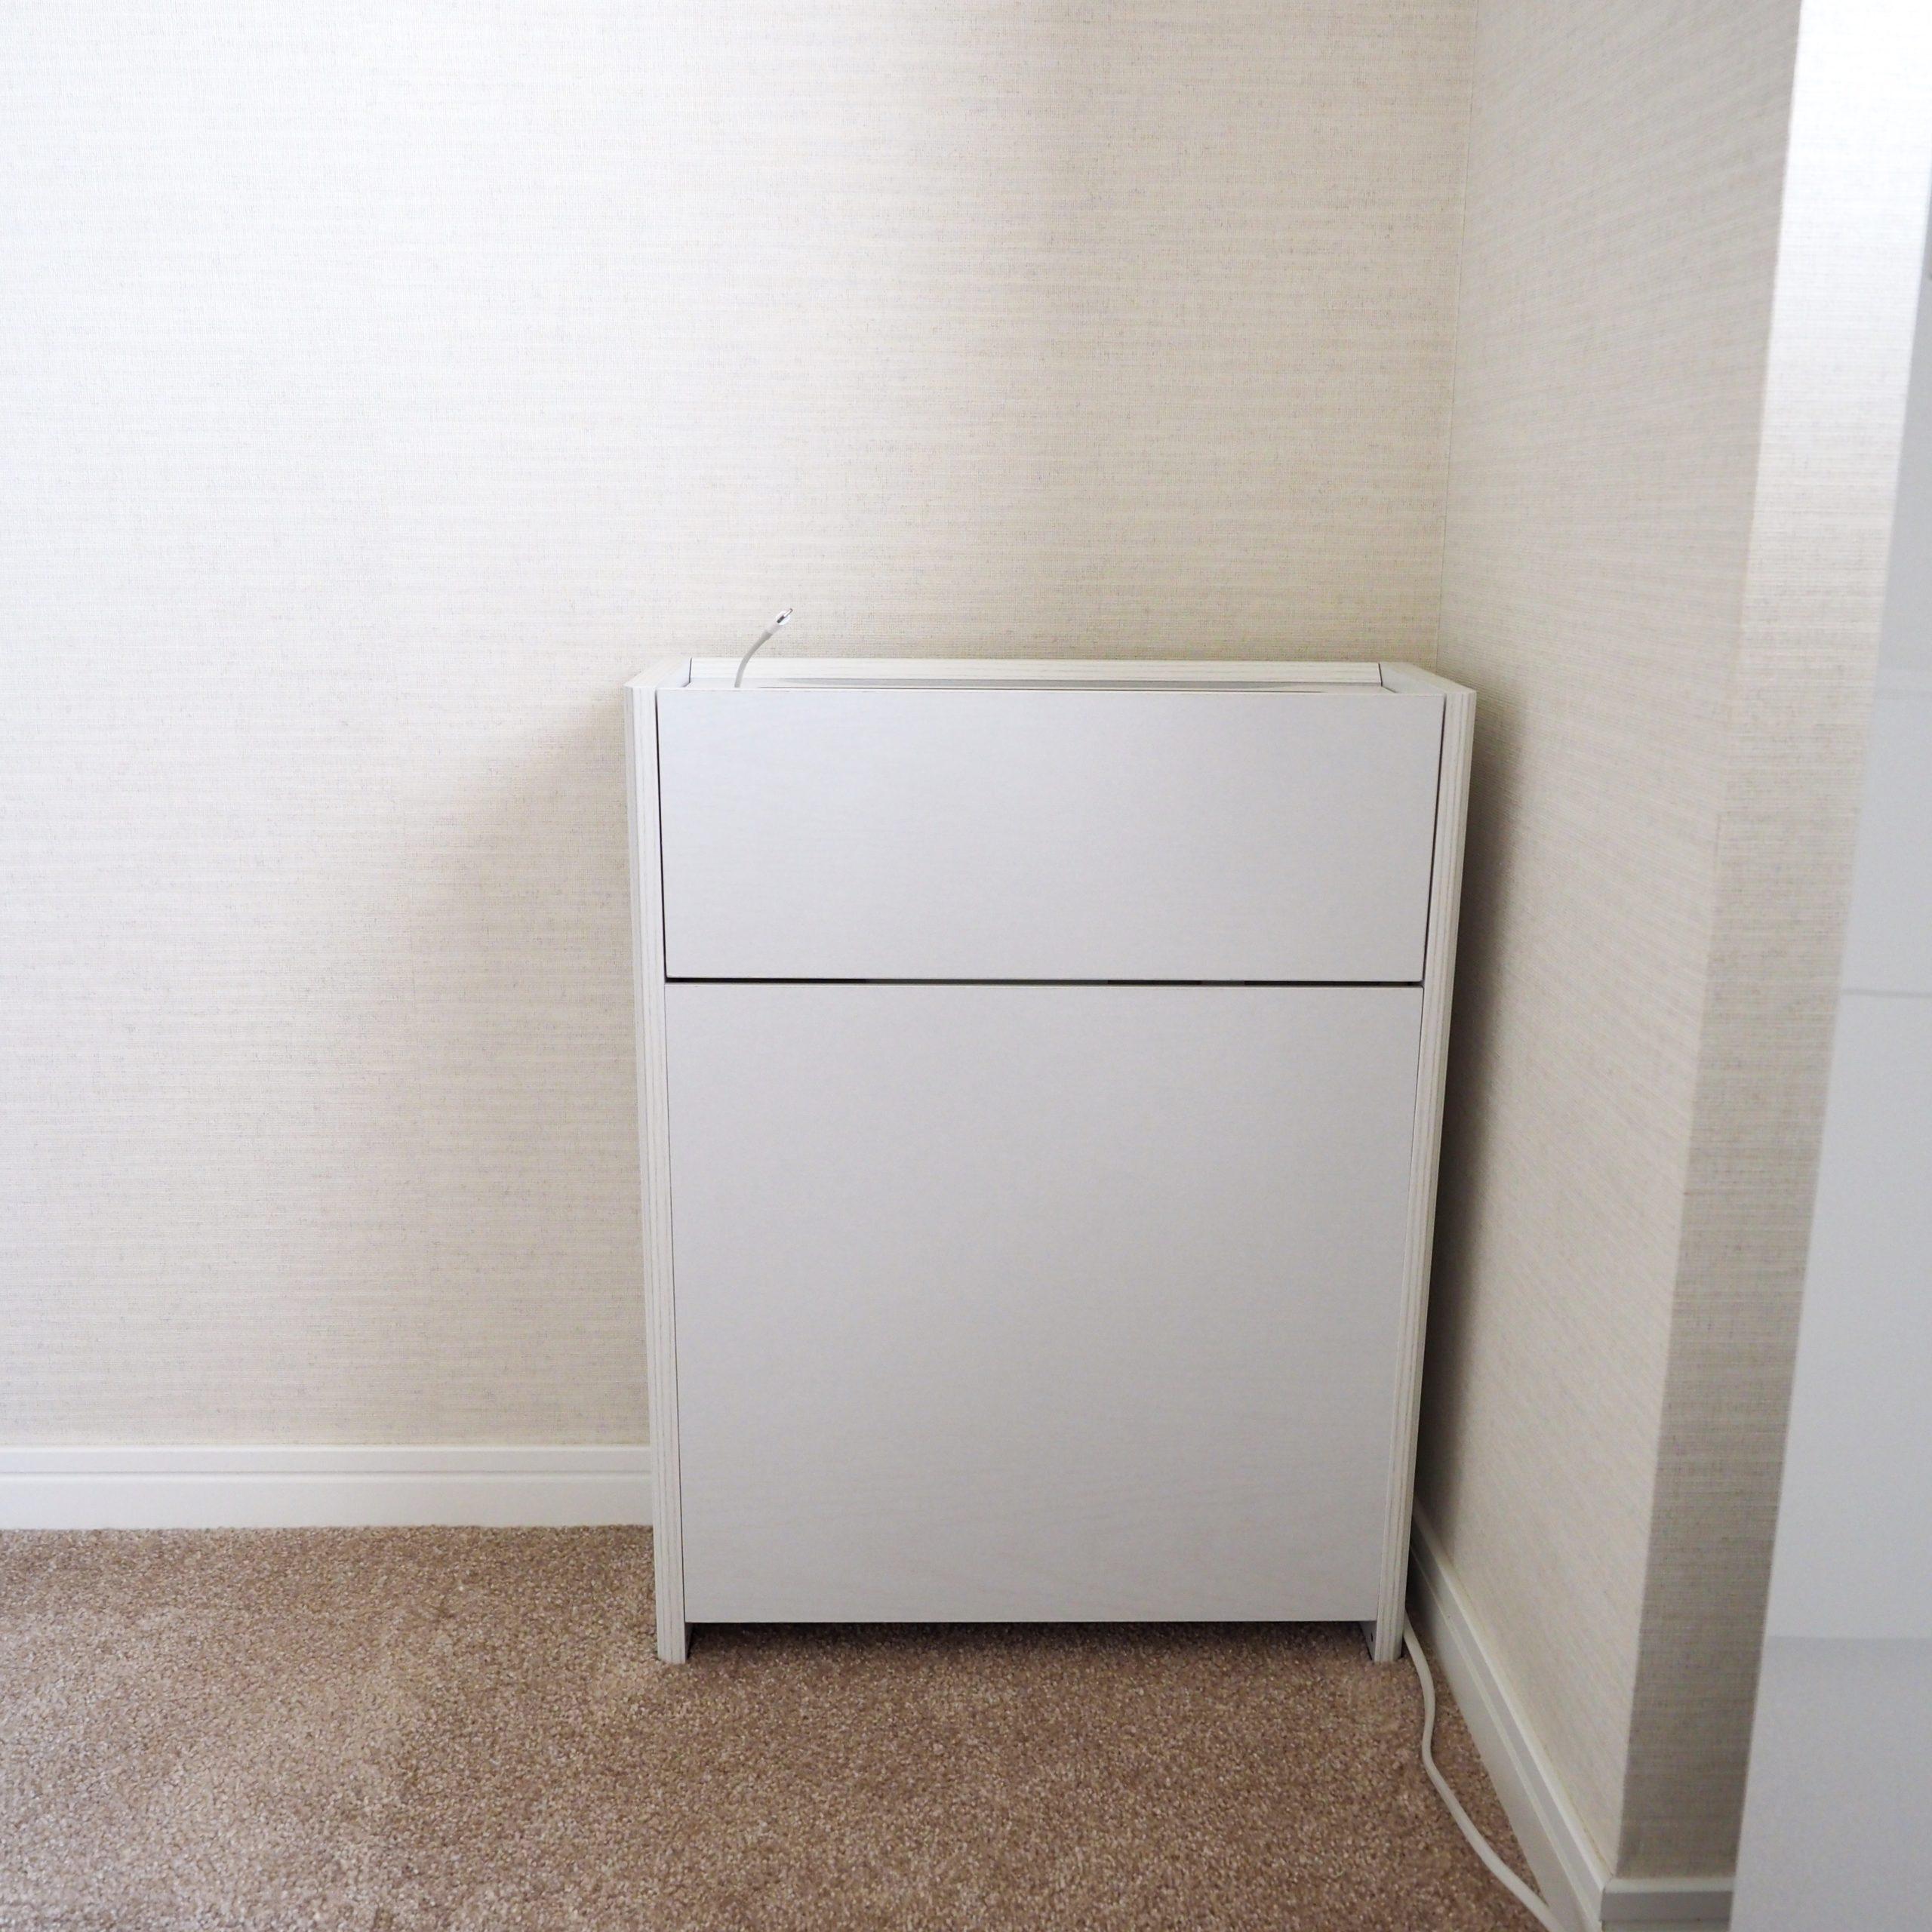 サンワダイレクトのルーター収納ボックス・実例